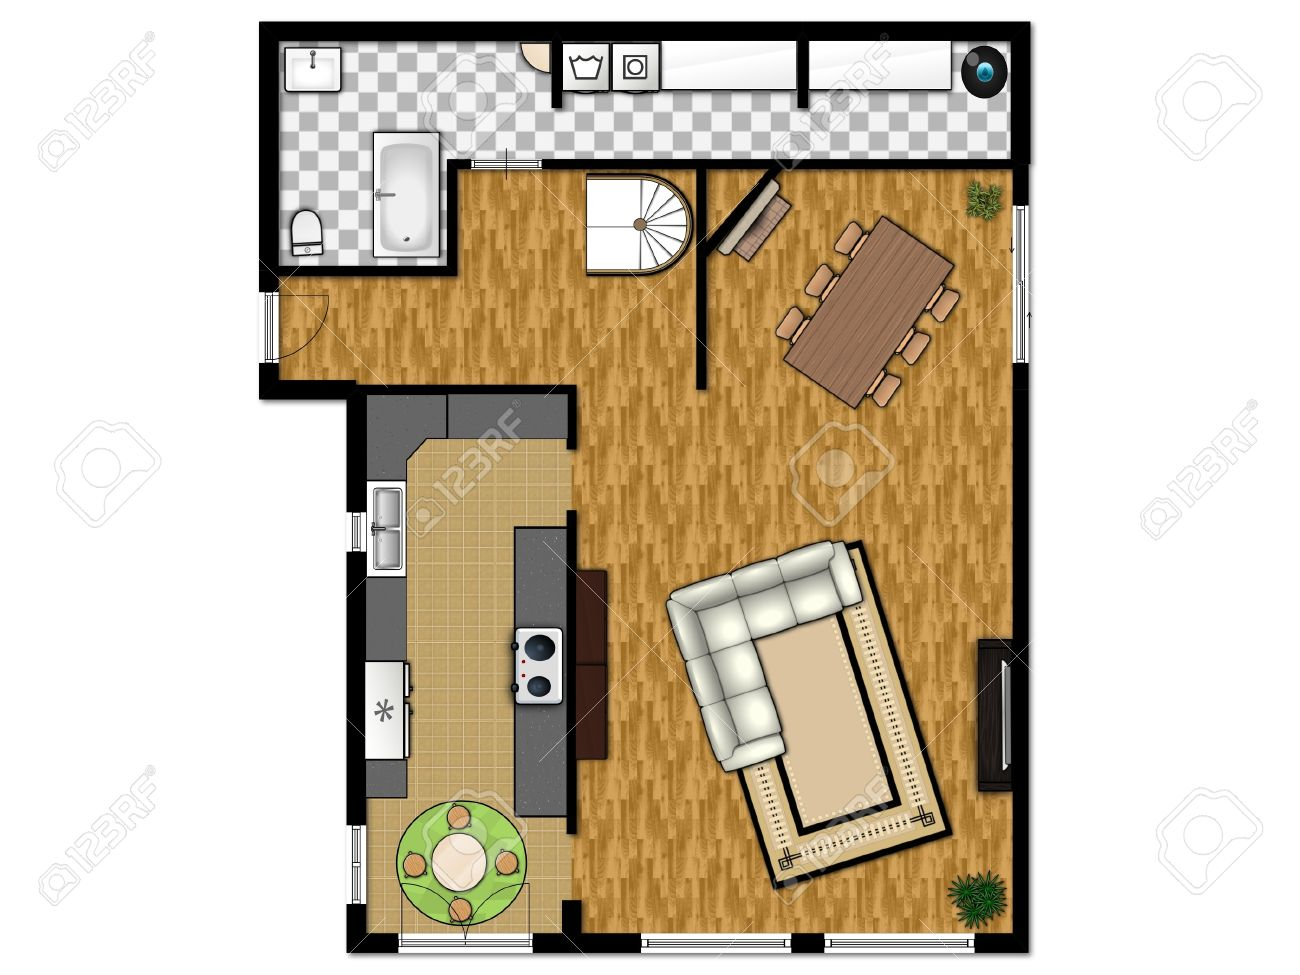 plan d etage 2d du premier niveau avec cuisine salon salle de bains et buanderie